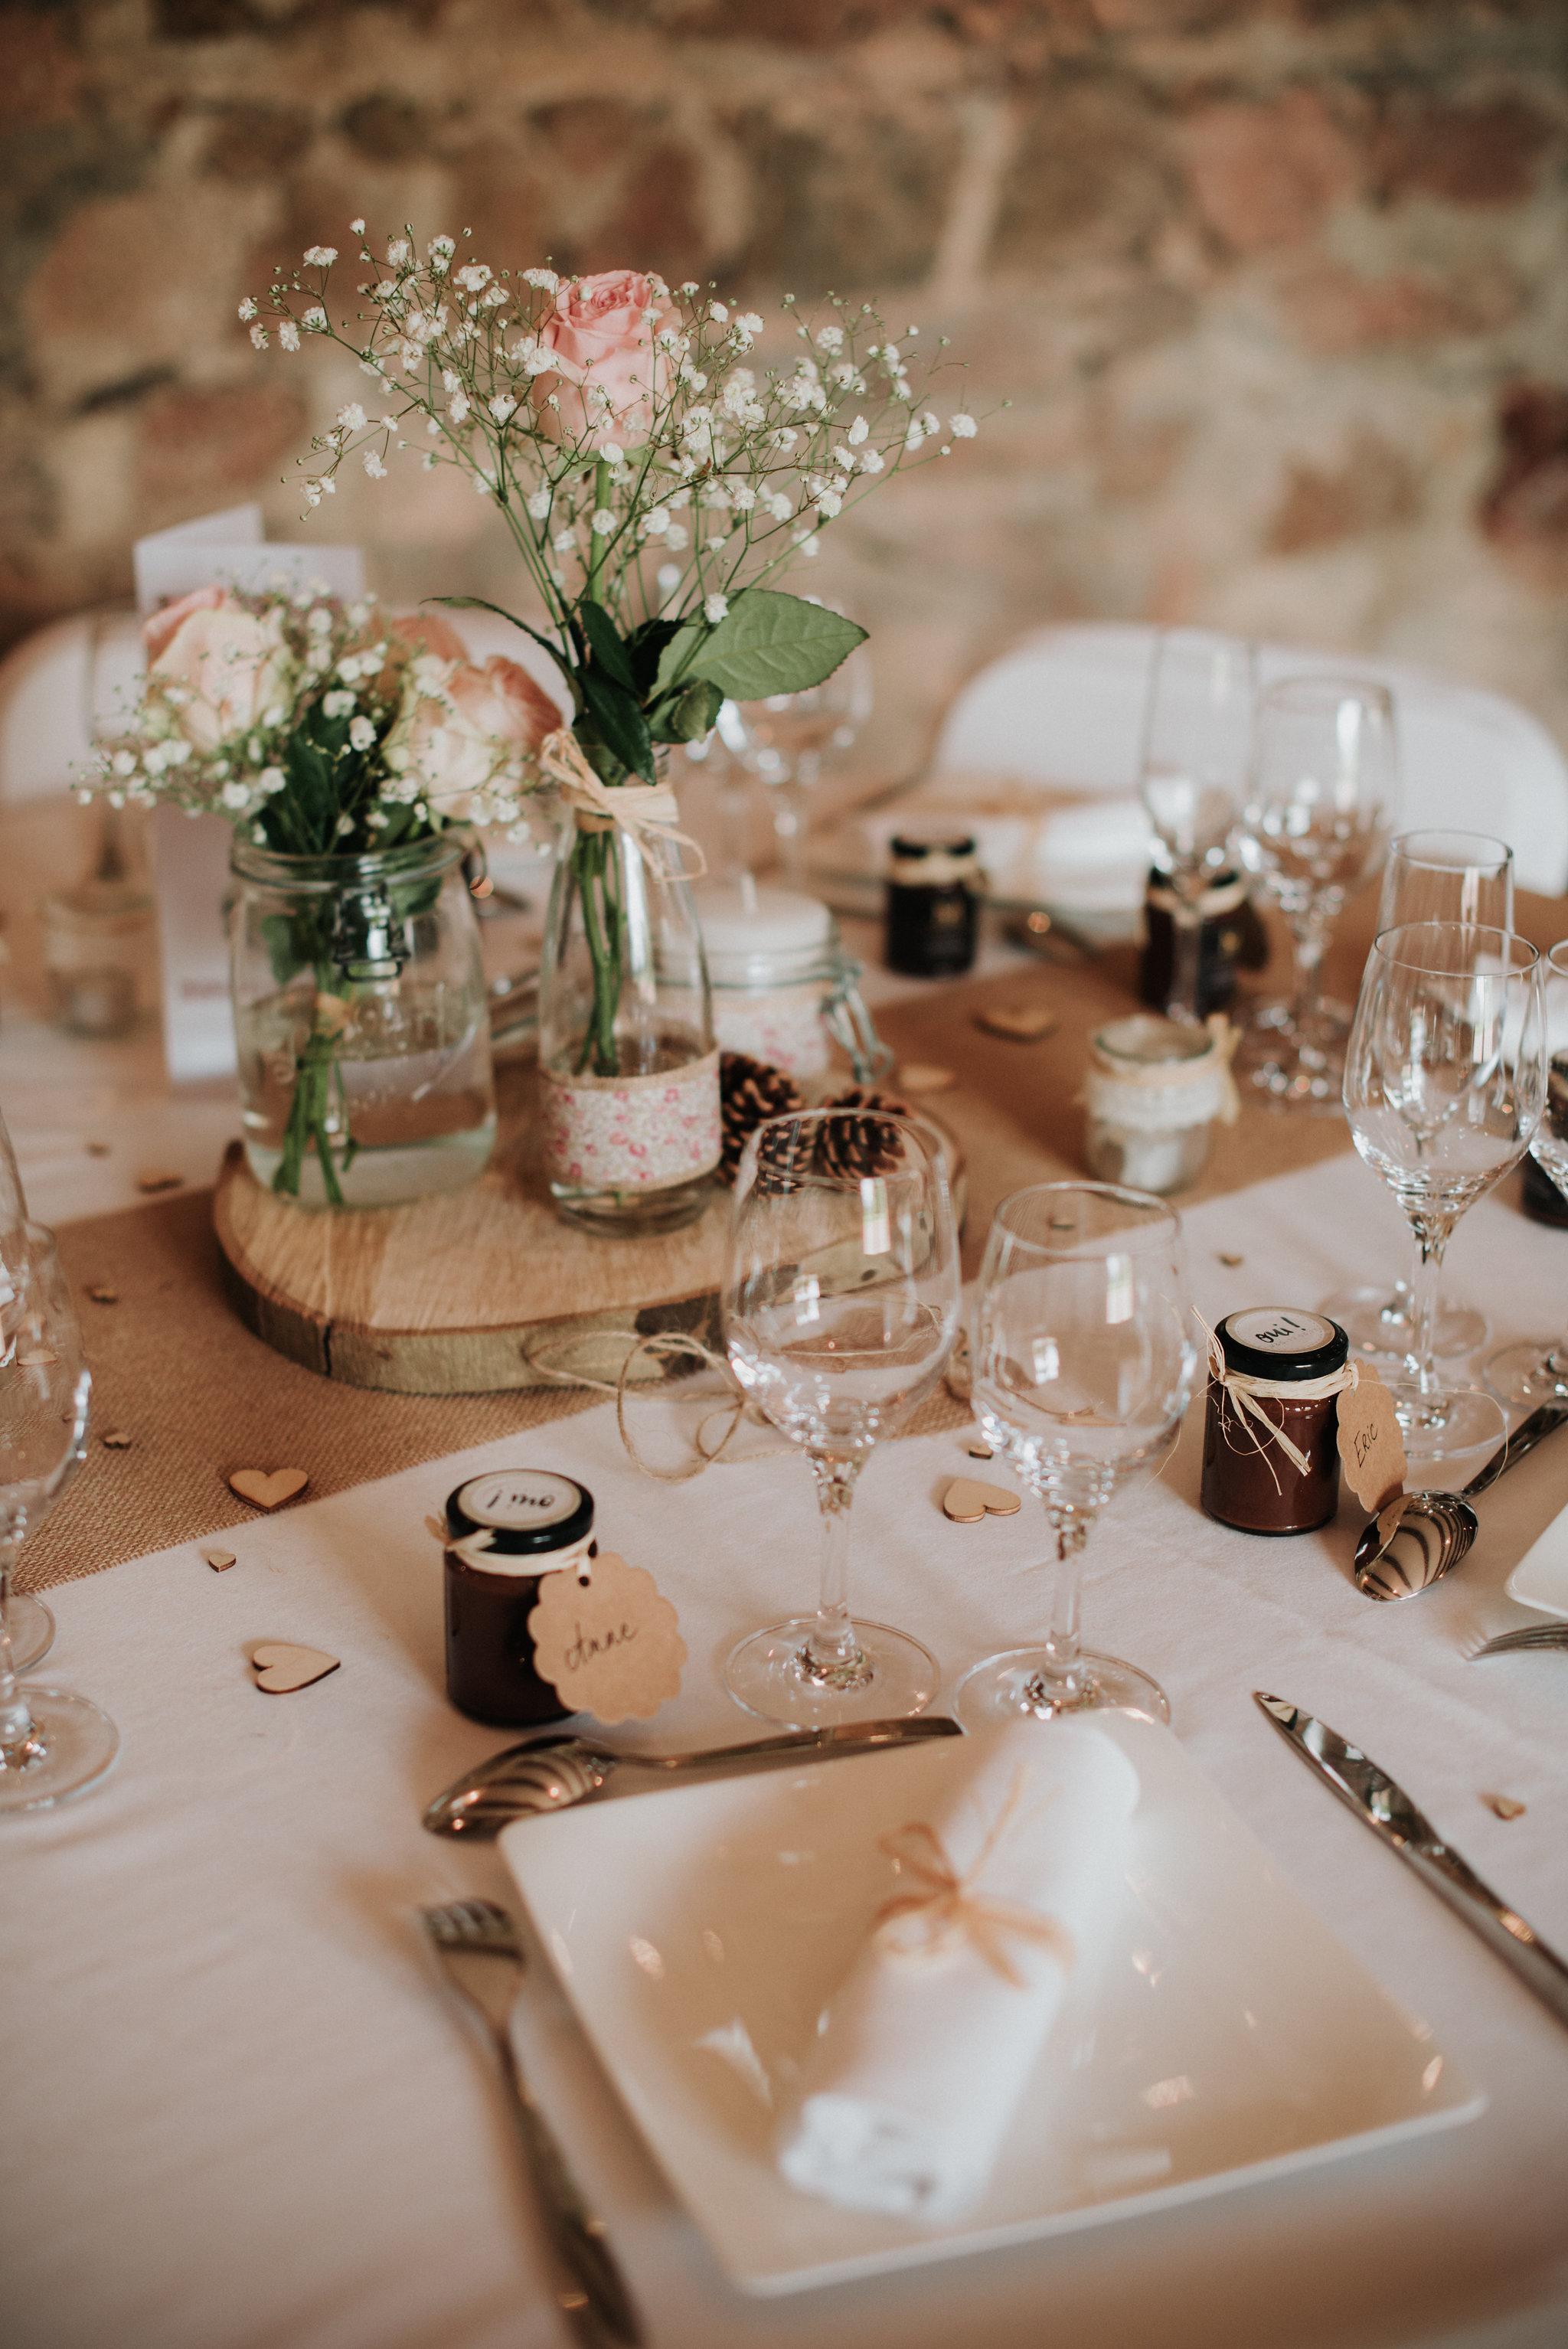 Léa-Fery-photographe-professionnel-lyon-rhone-alpes-portrait-creation-mariage-evenement-evenementiel-famille-2208.jpg